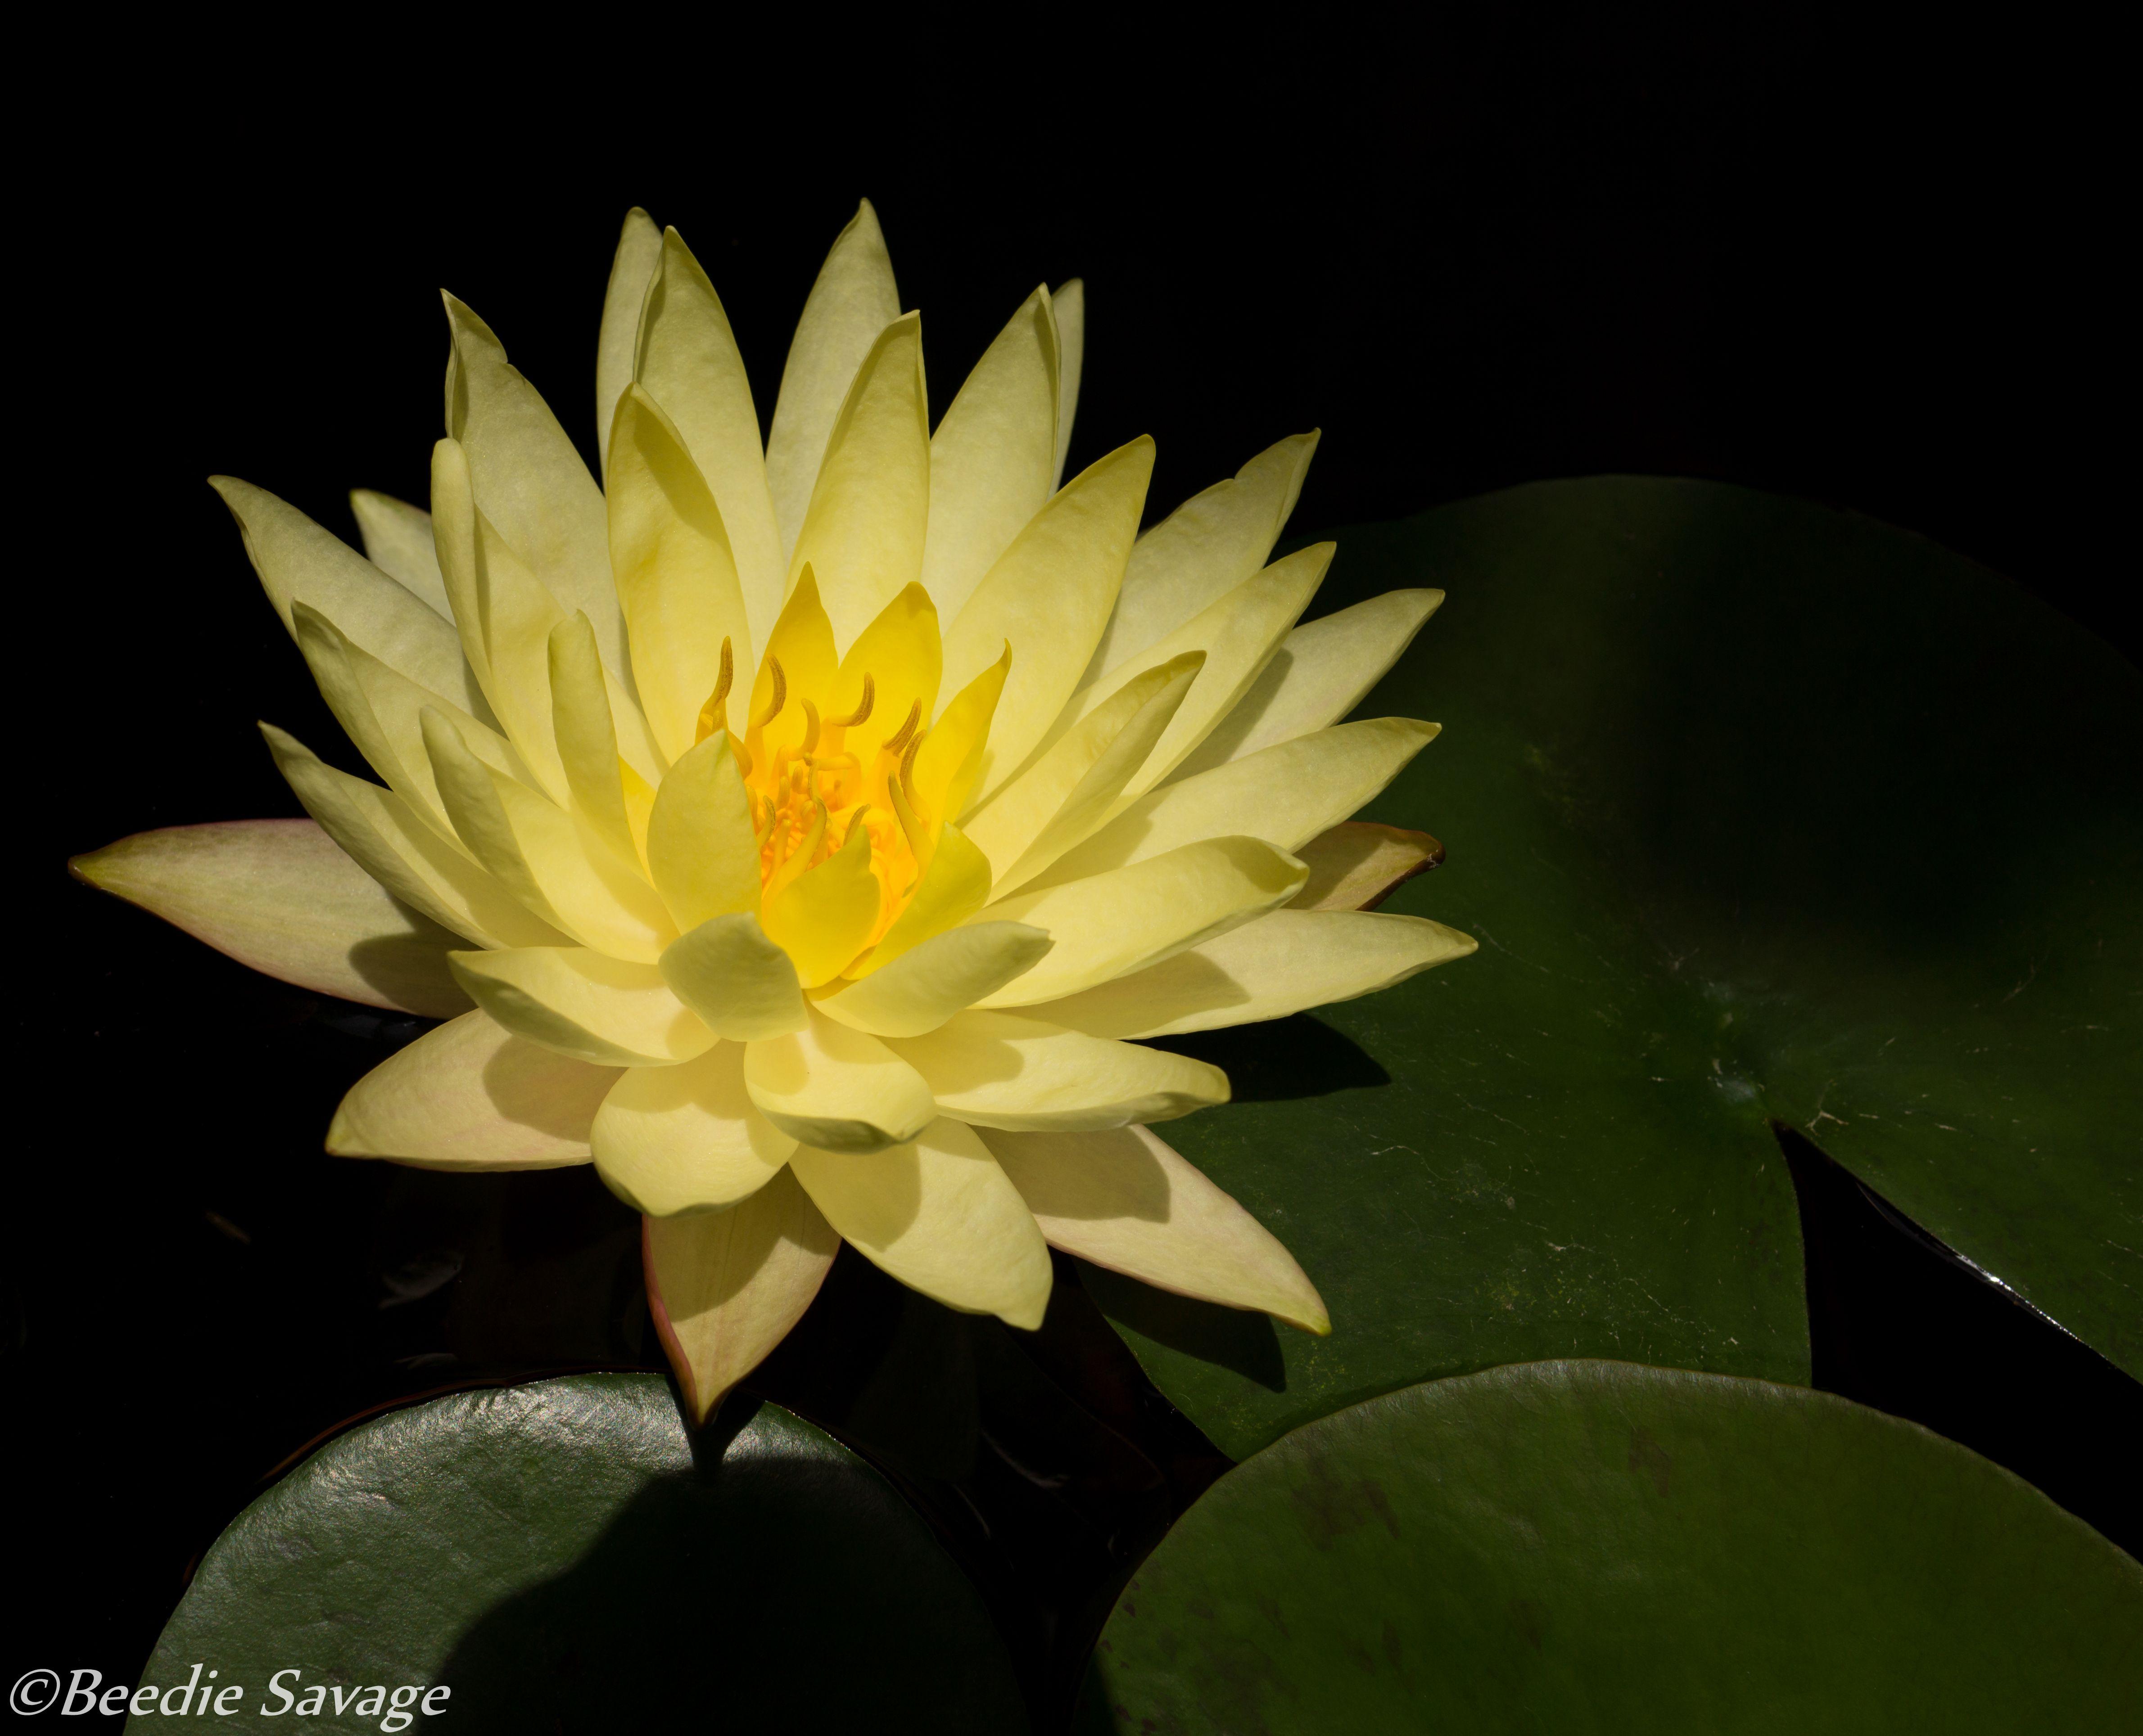 Lotus flower peace of mind lotus pinterest lotus and flowers lotus flower peace of mind mightylinksfo